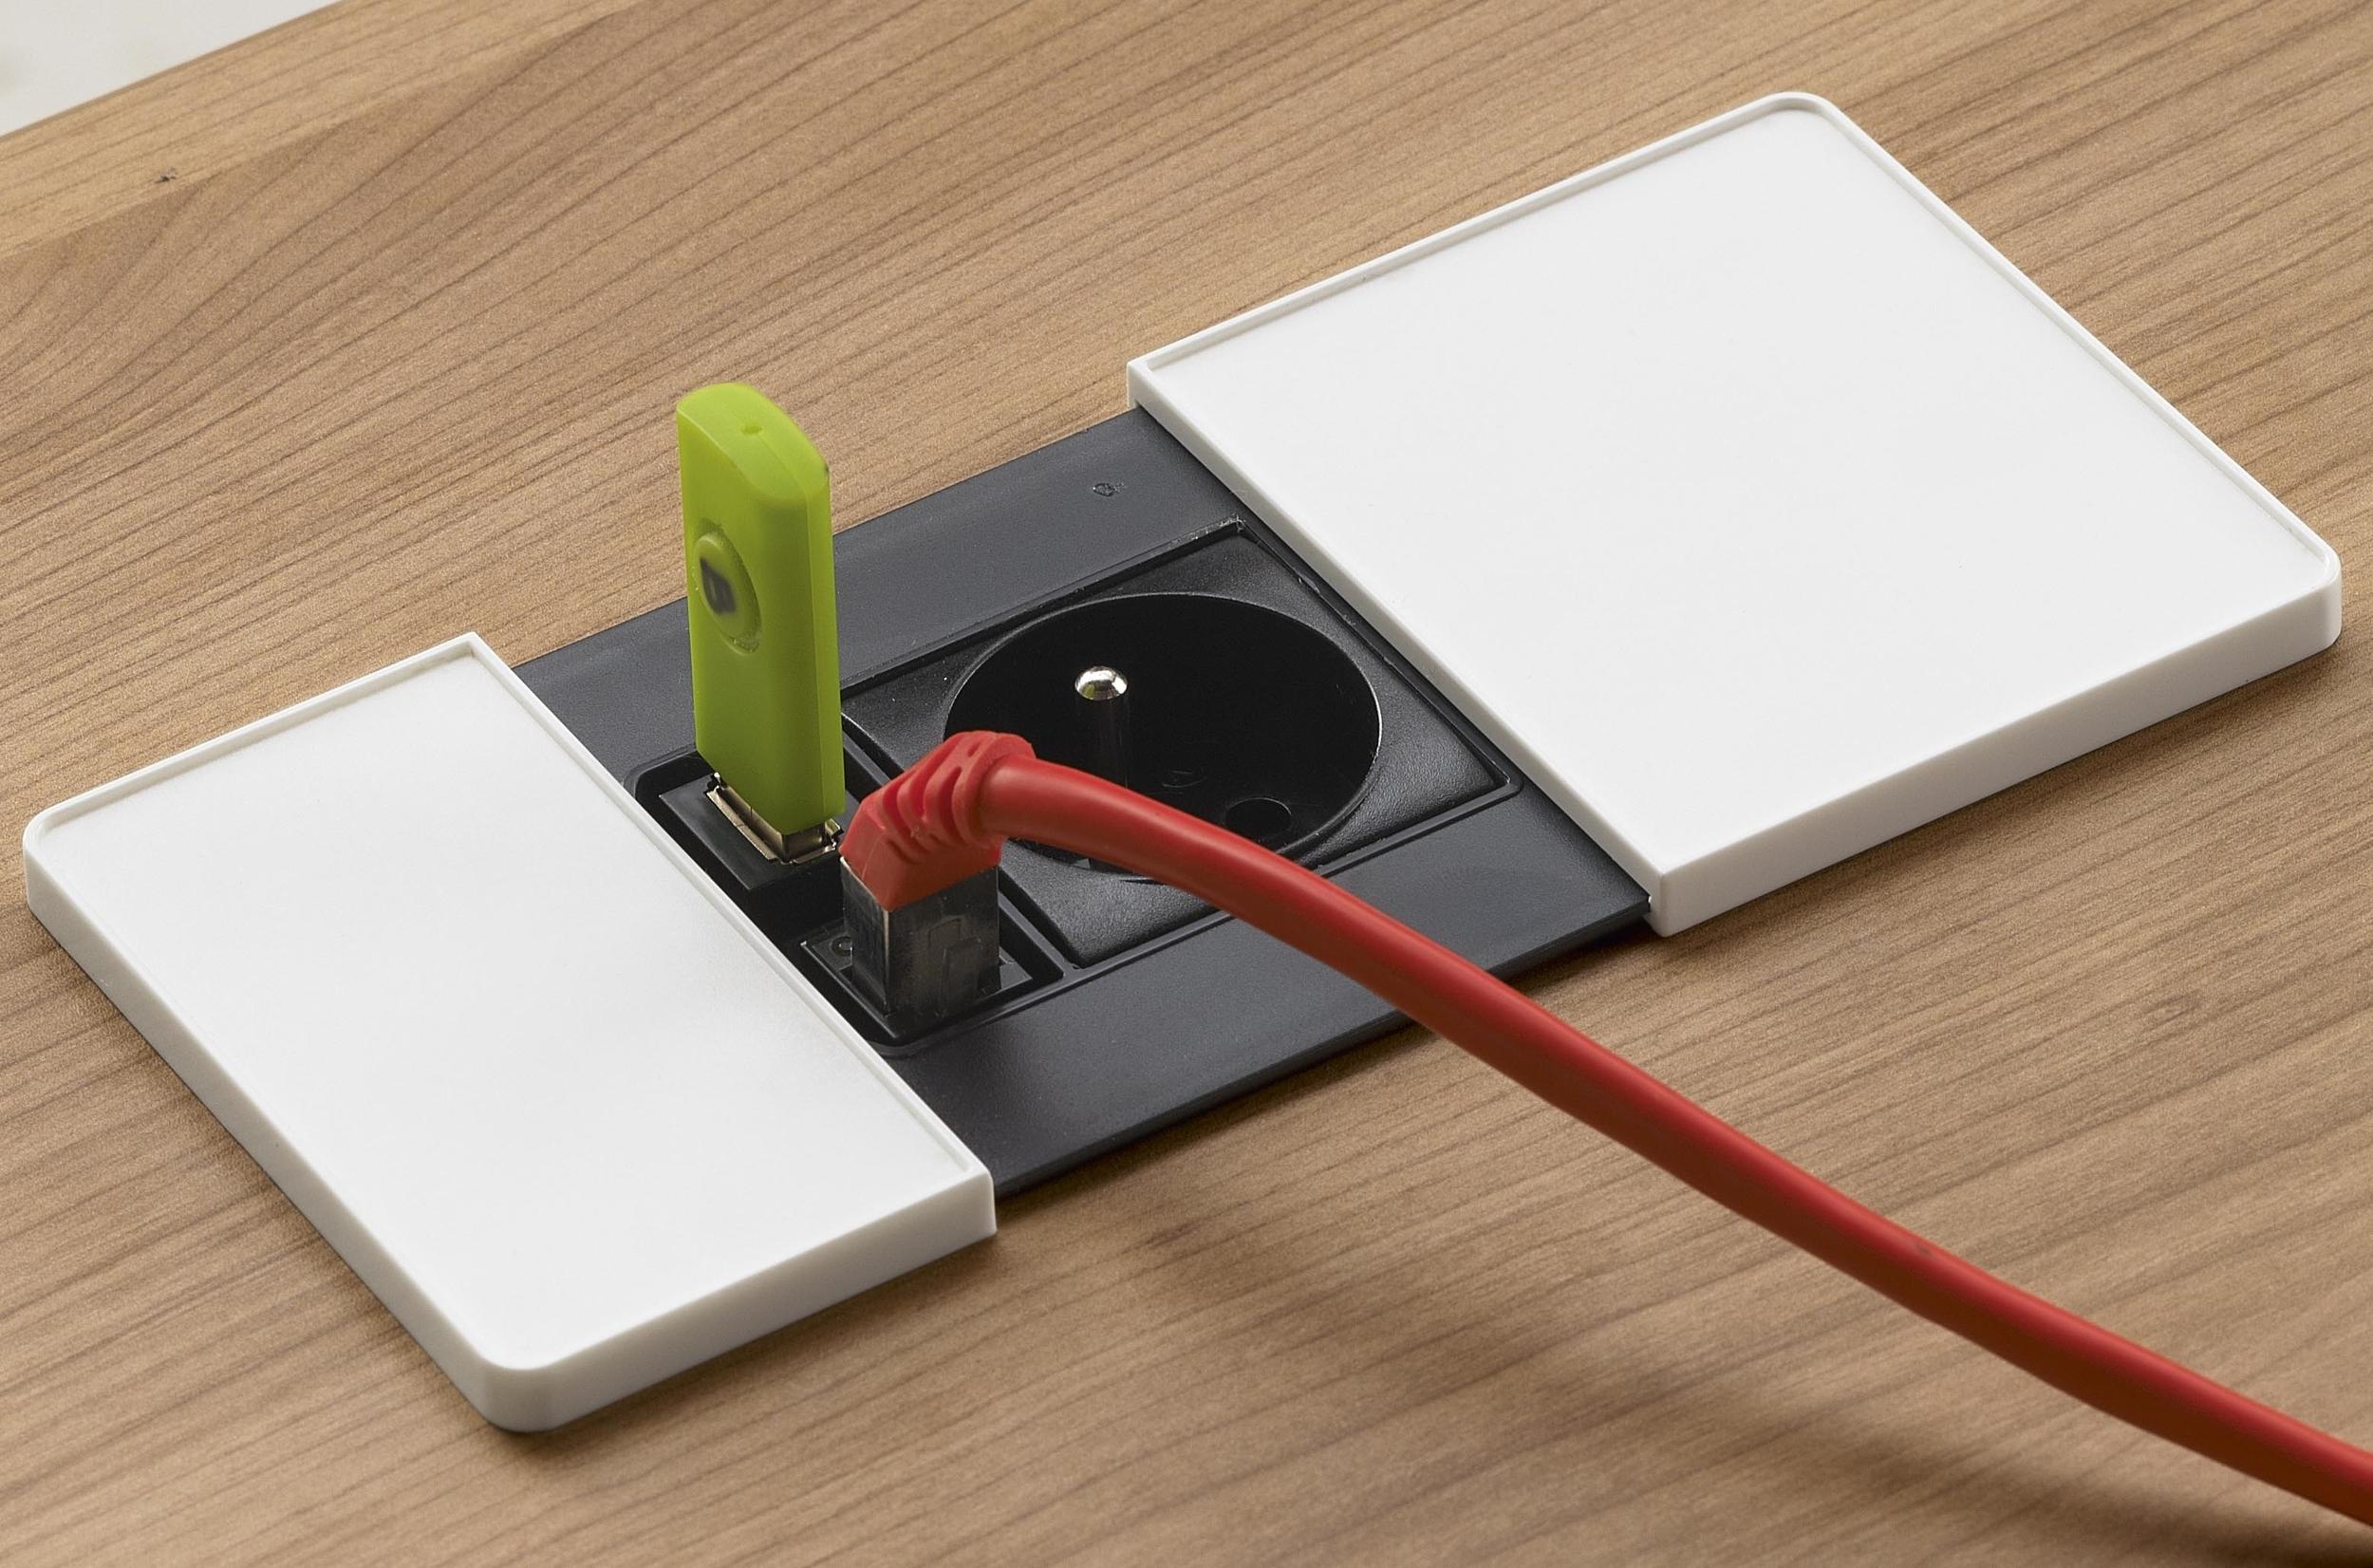 PRISE DE CONFORT 1 USB & 1 RJ45 BLANC